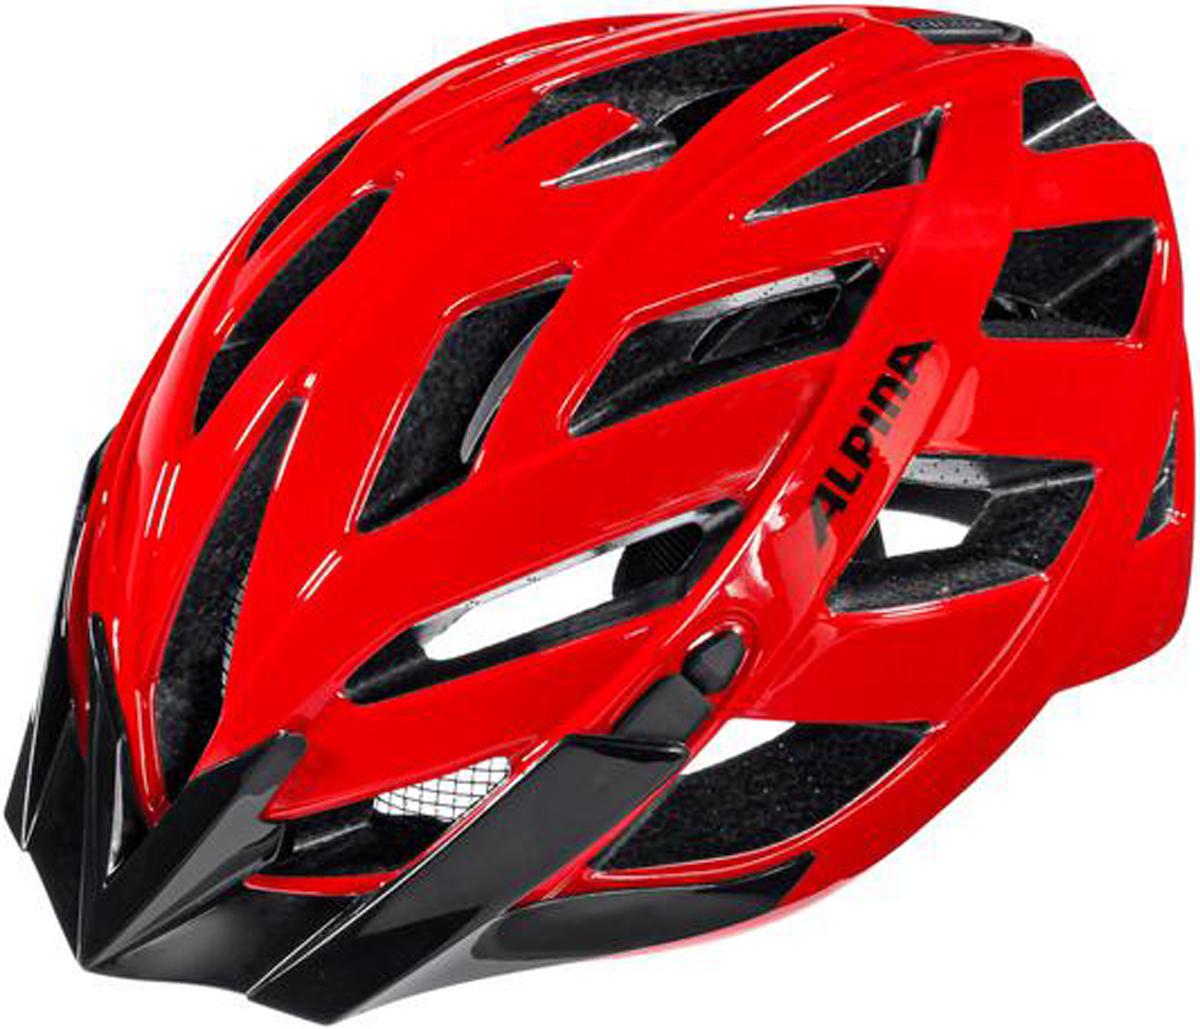 Велошлем Alpina Panoma Classic, цвет: красный. Размер 52-57 см